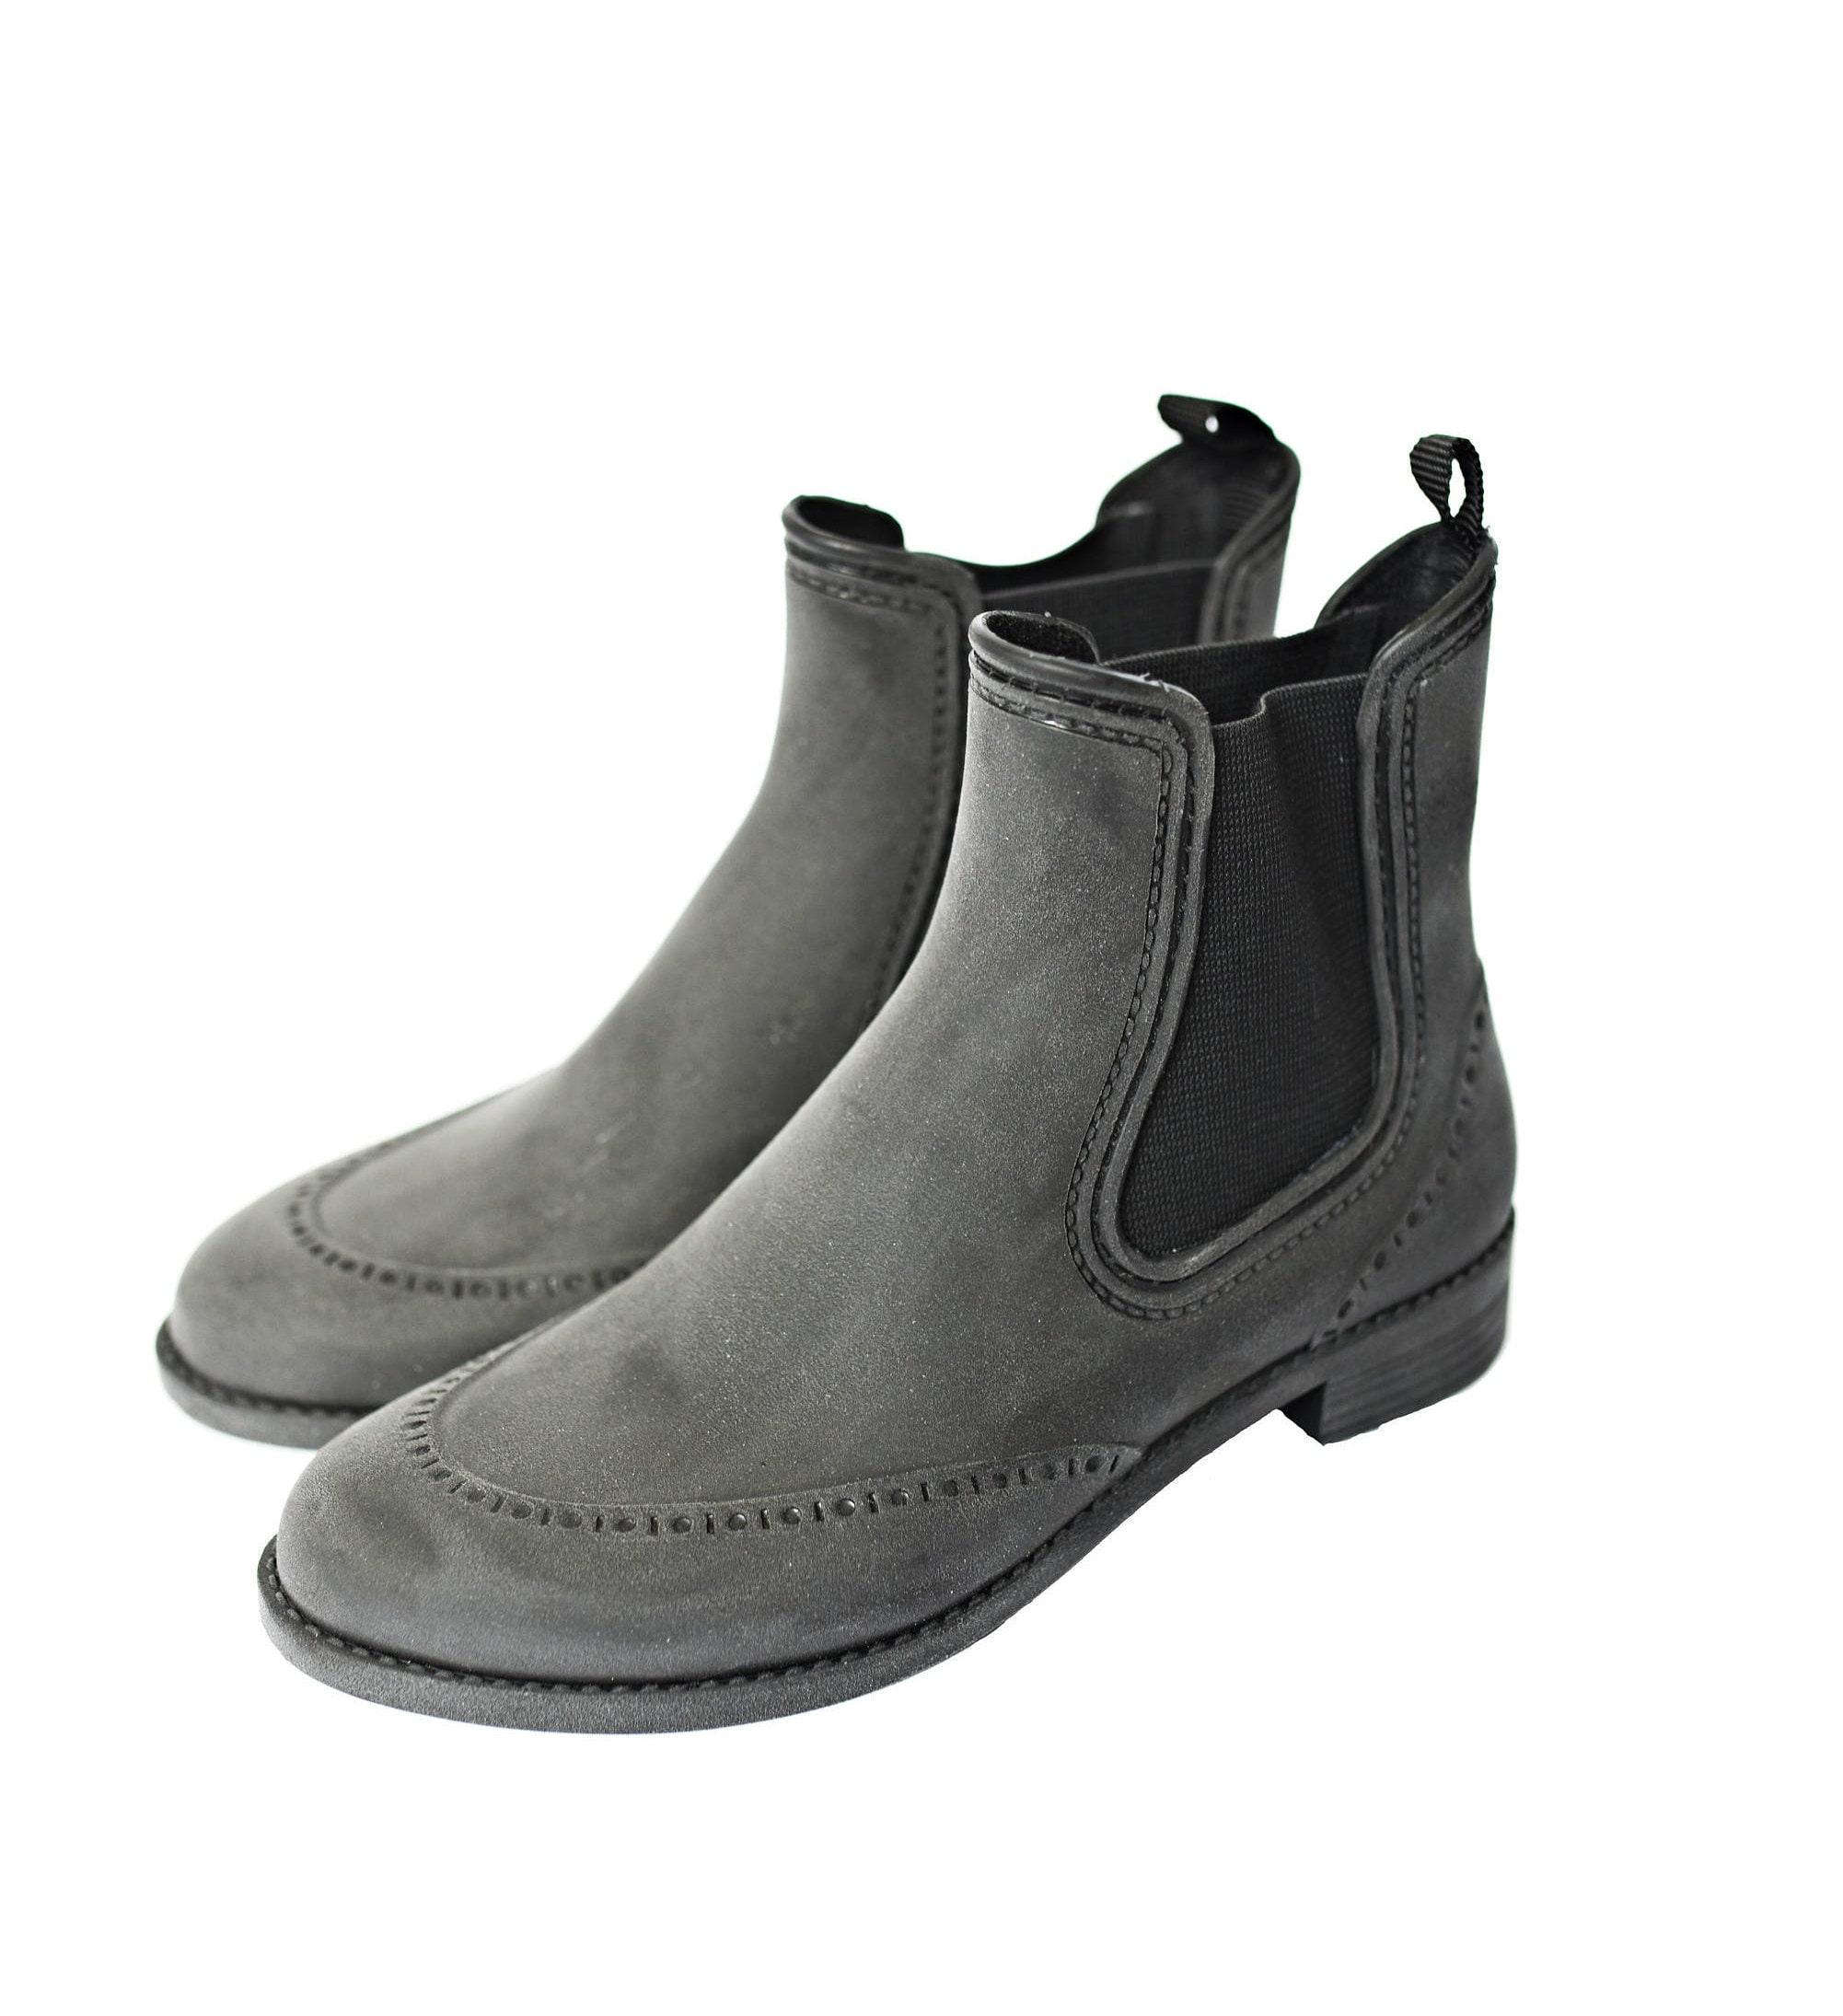 Chaussures - Cheville Âme En Caoutchouc Bottes lw7Cr5xp5